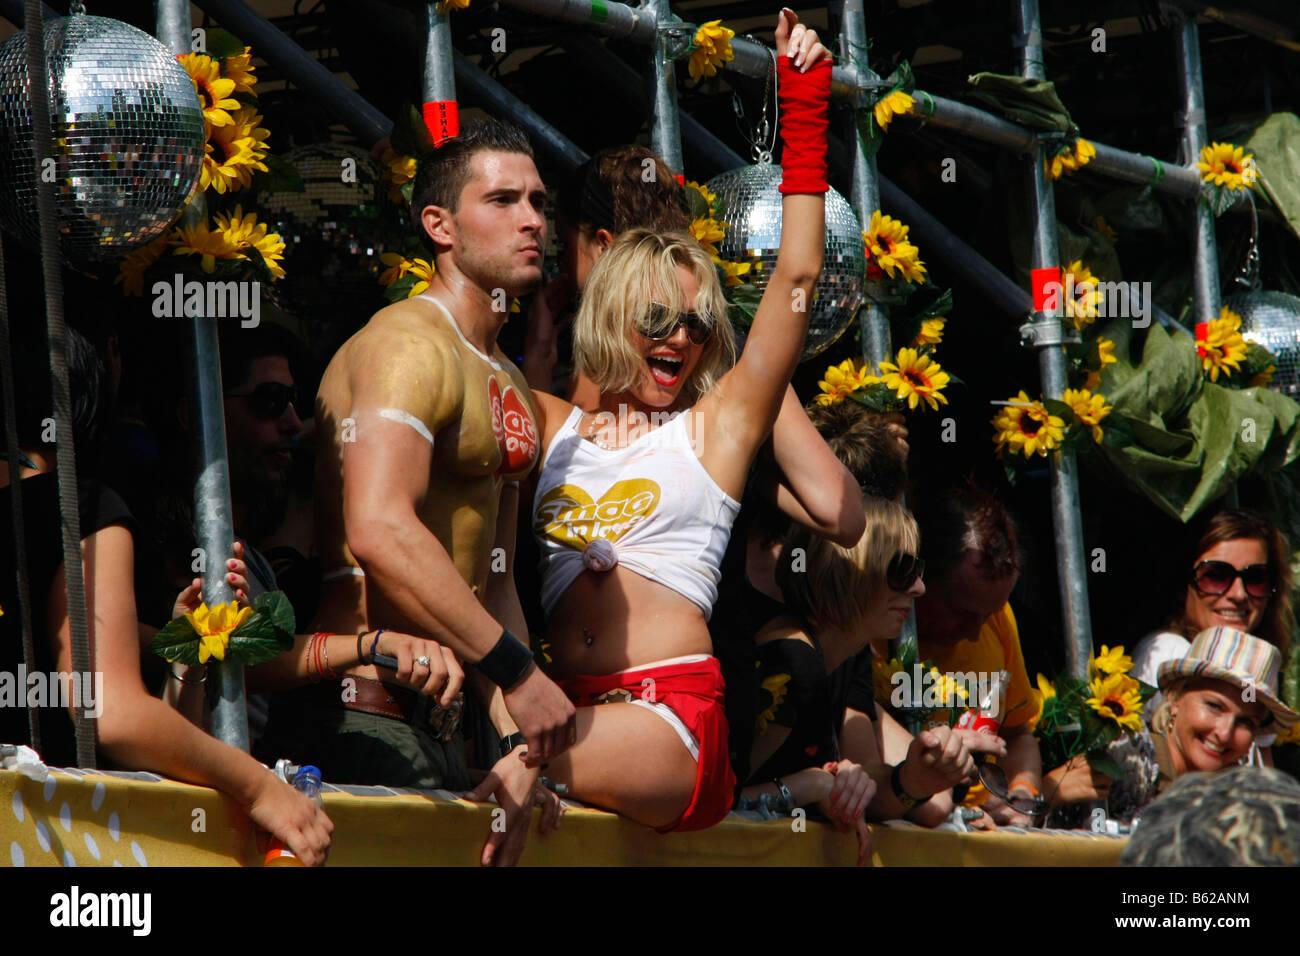 Nackt frau bild love parade foto 494